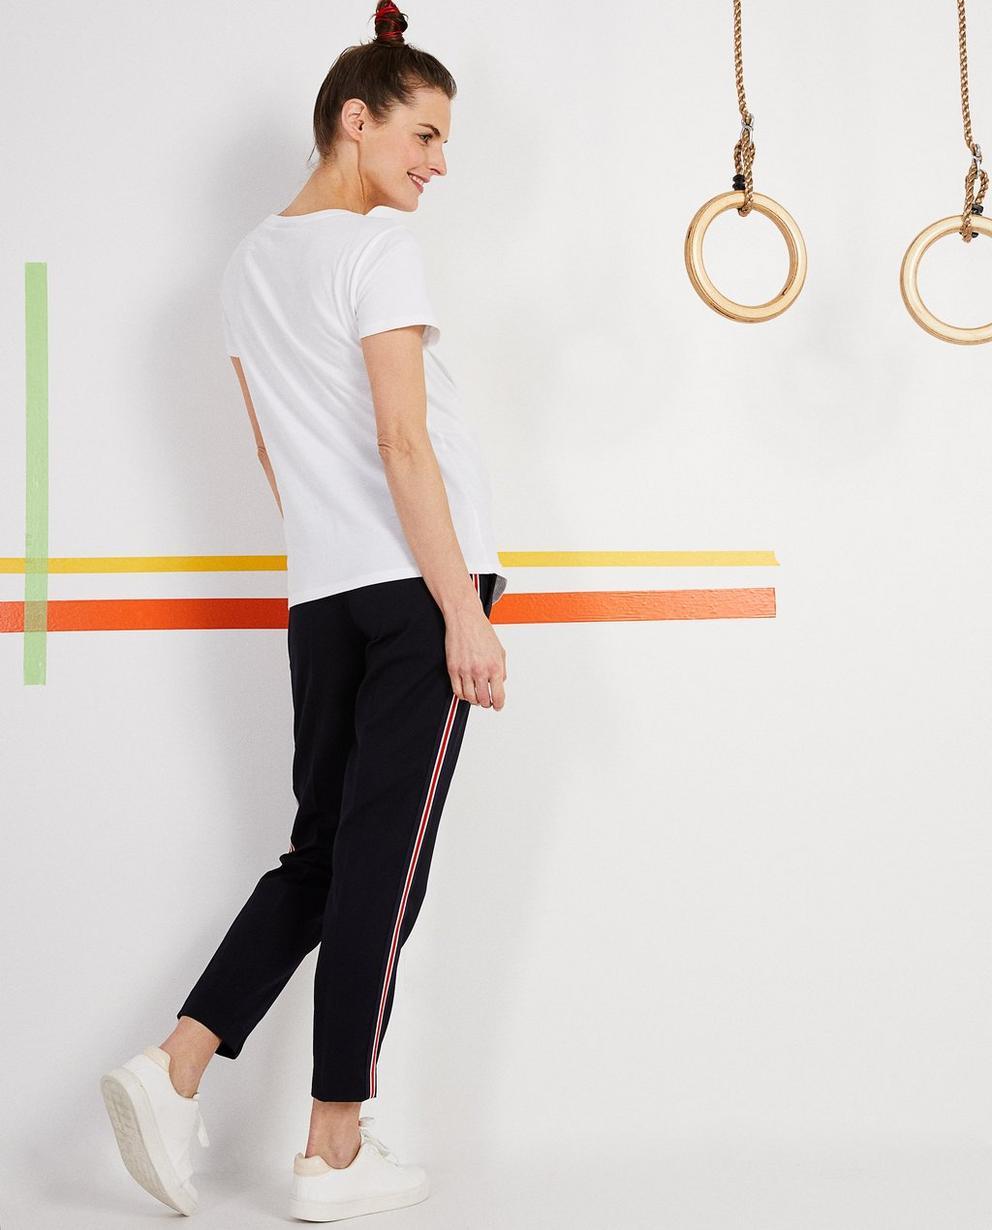 Hosen - Navy - Hose mit sportlichen Streifen